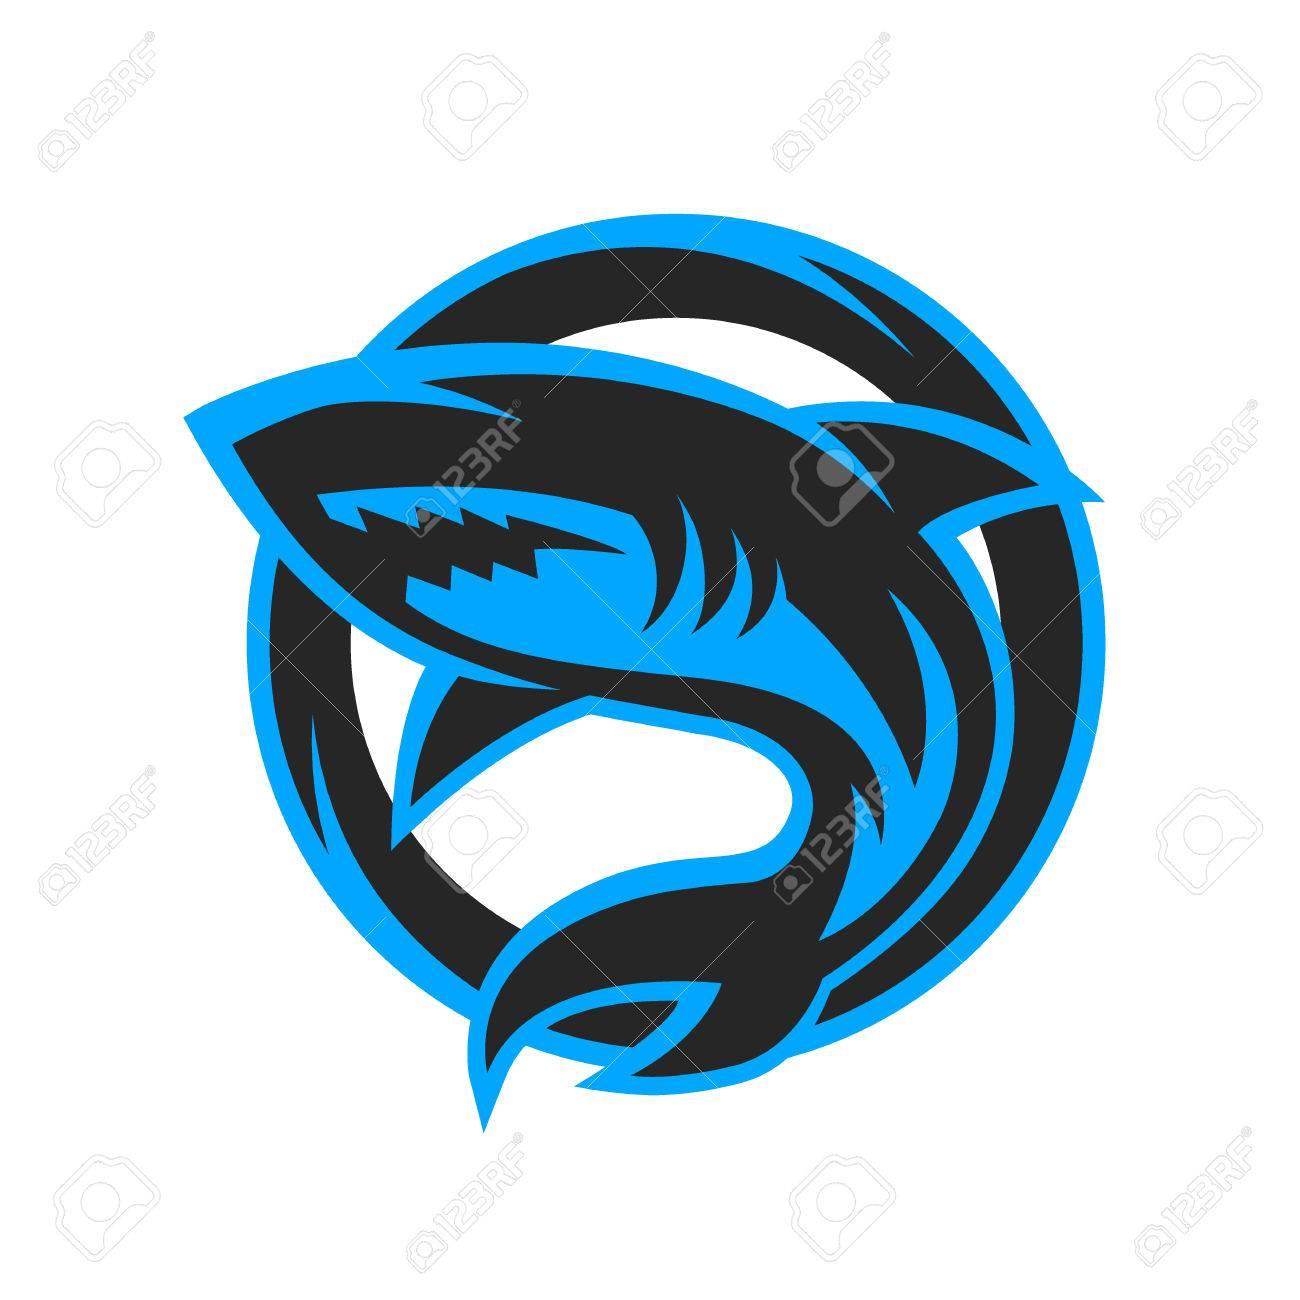 shark sport logo symbol emblem vector illustration royalty free